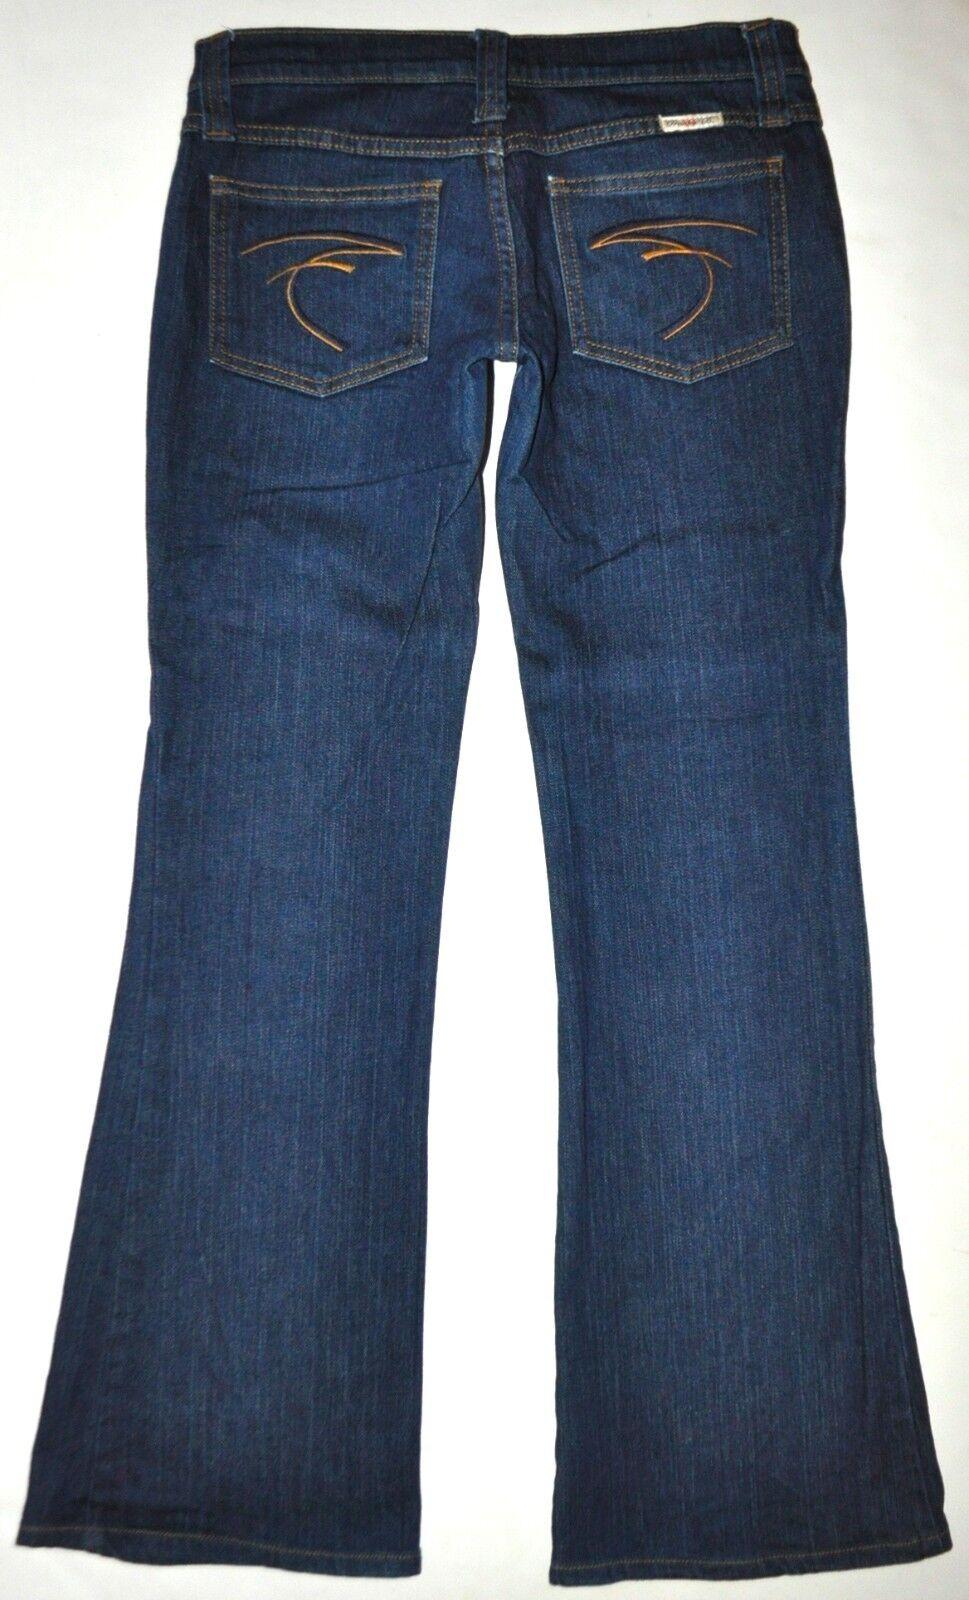 Frankie B Dark bluee Flare Jeans Size 4 Waist 29.5  Length 29.5  USA AWESOME EUC